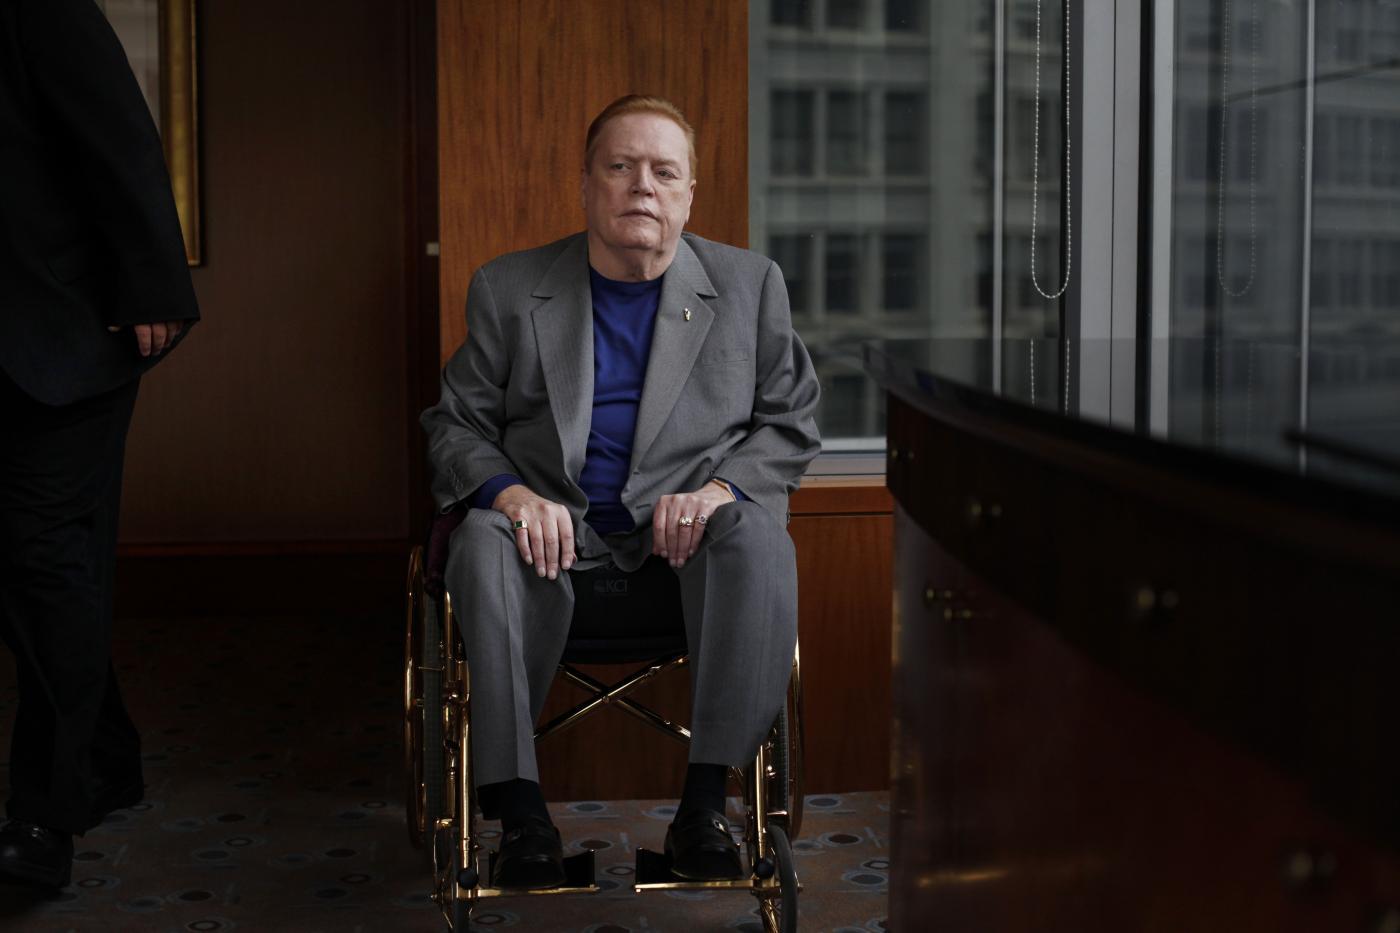 È morto a 78 anni Larry Flynt: il re del porno che sfidò Trump